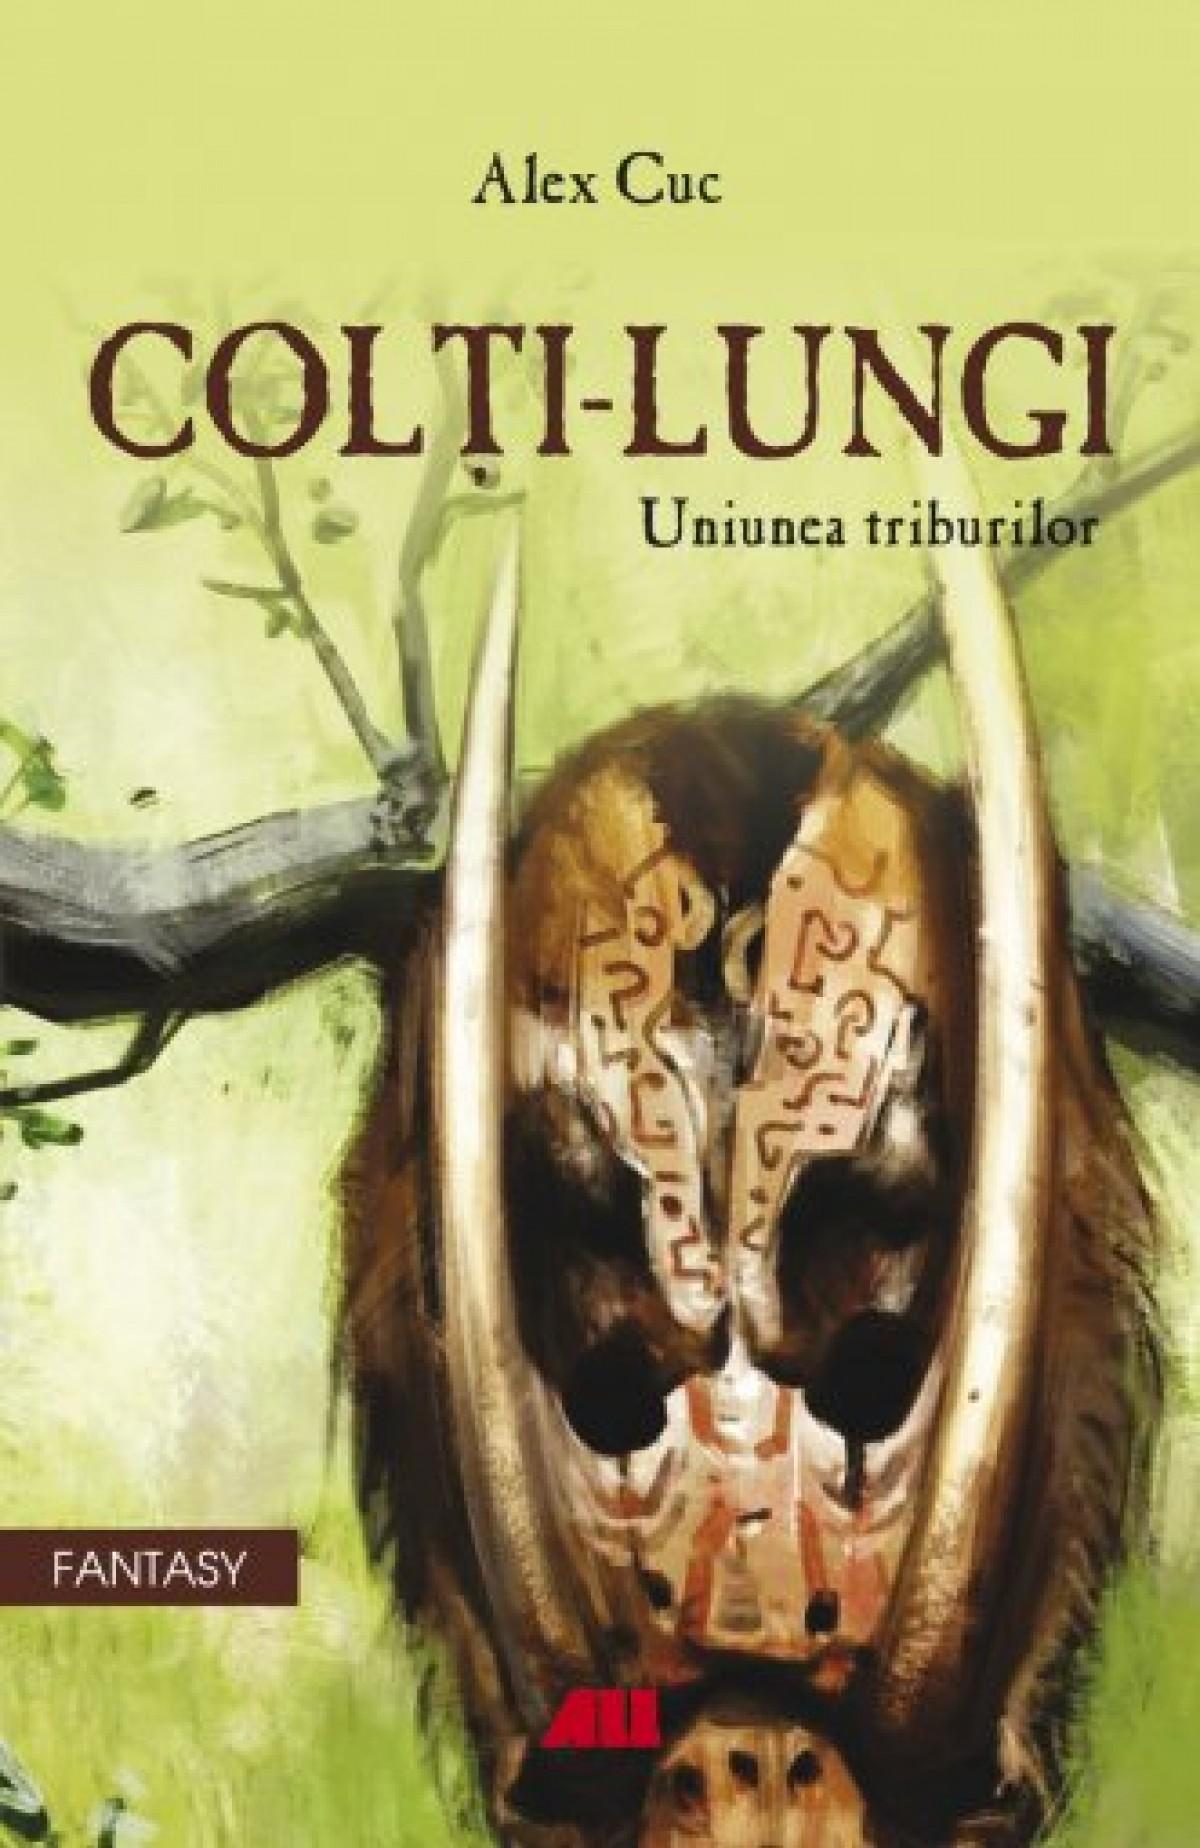 coperta carte Colti-Lungi, Uniunea Triburilor de Alex Cuc mic